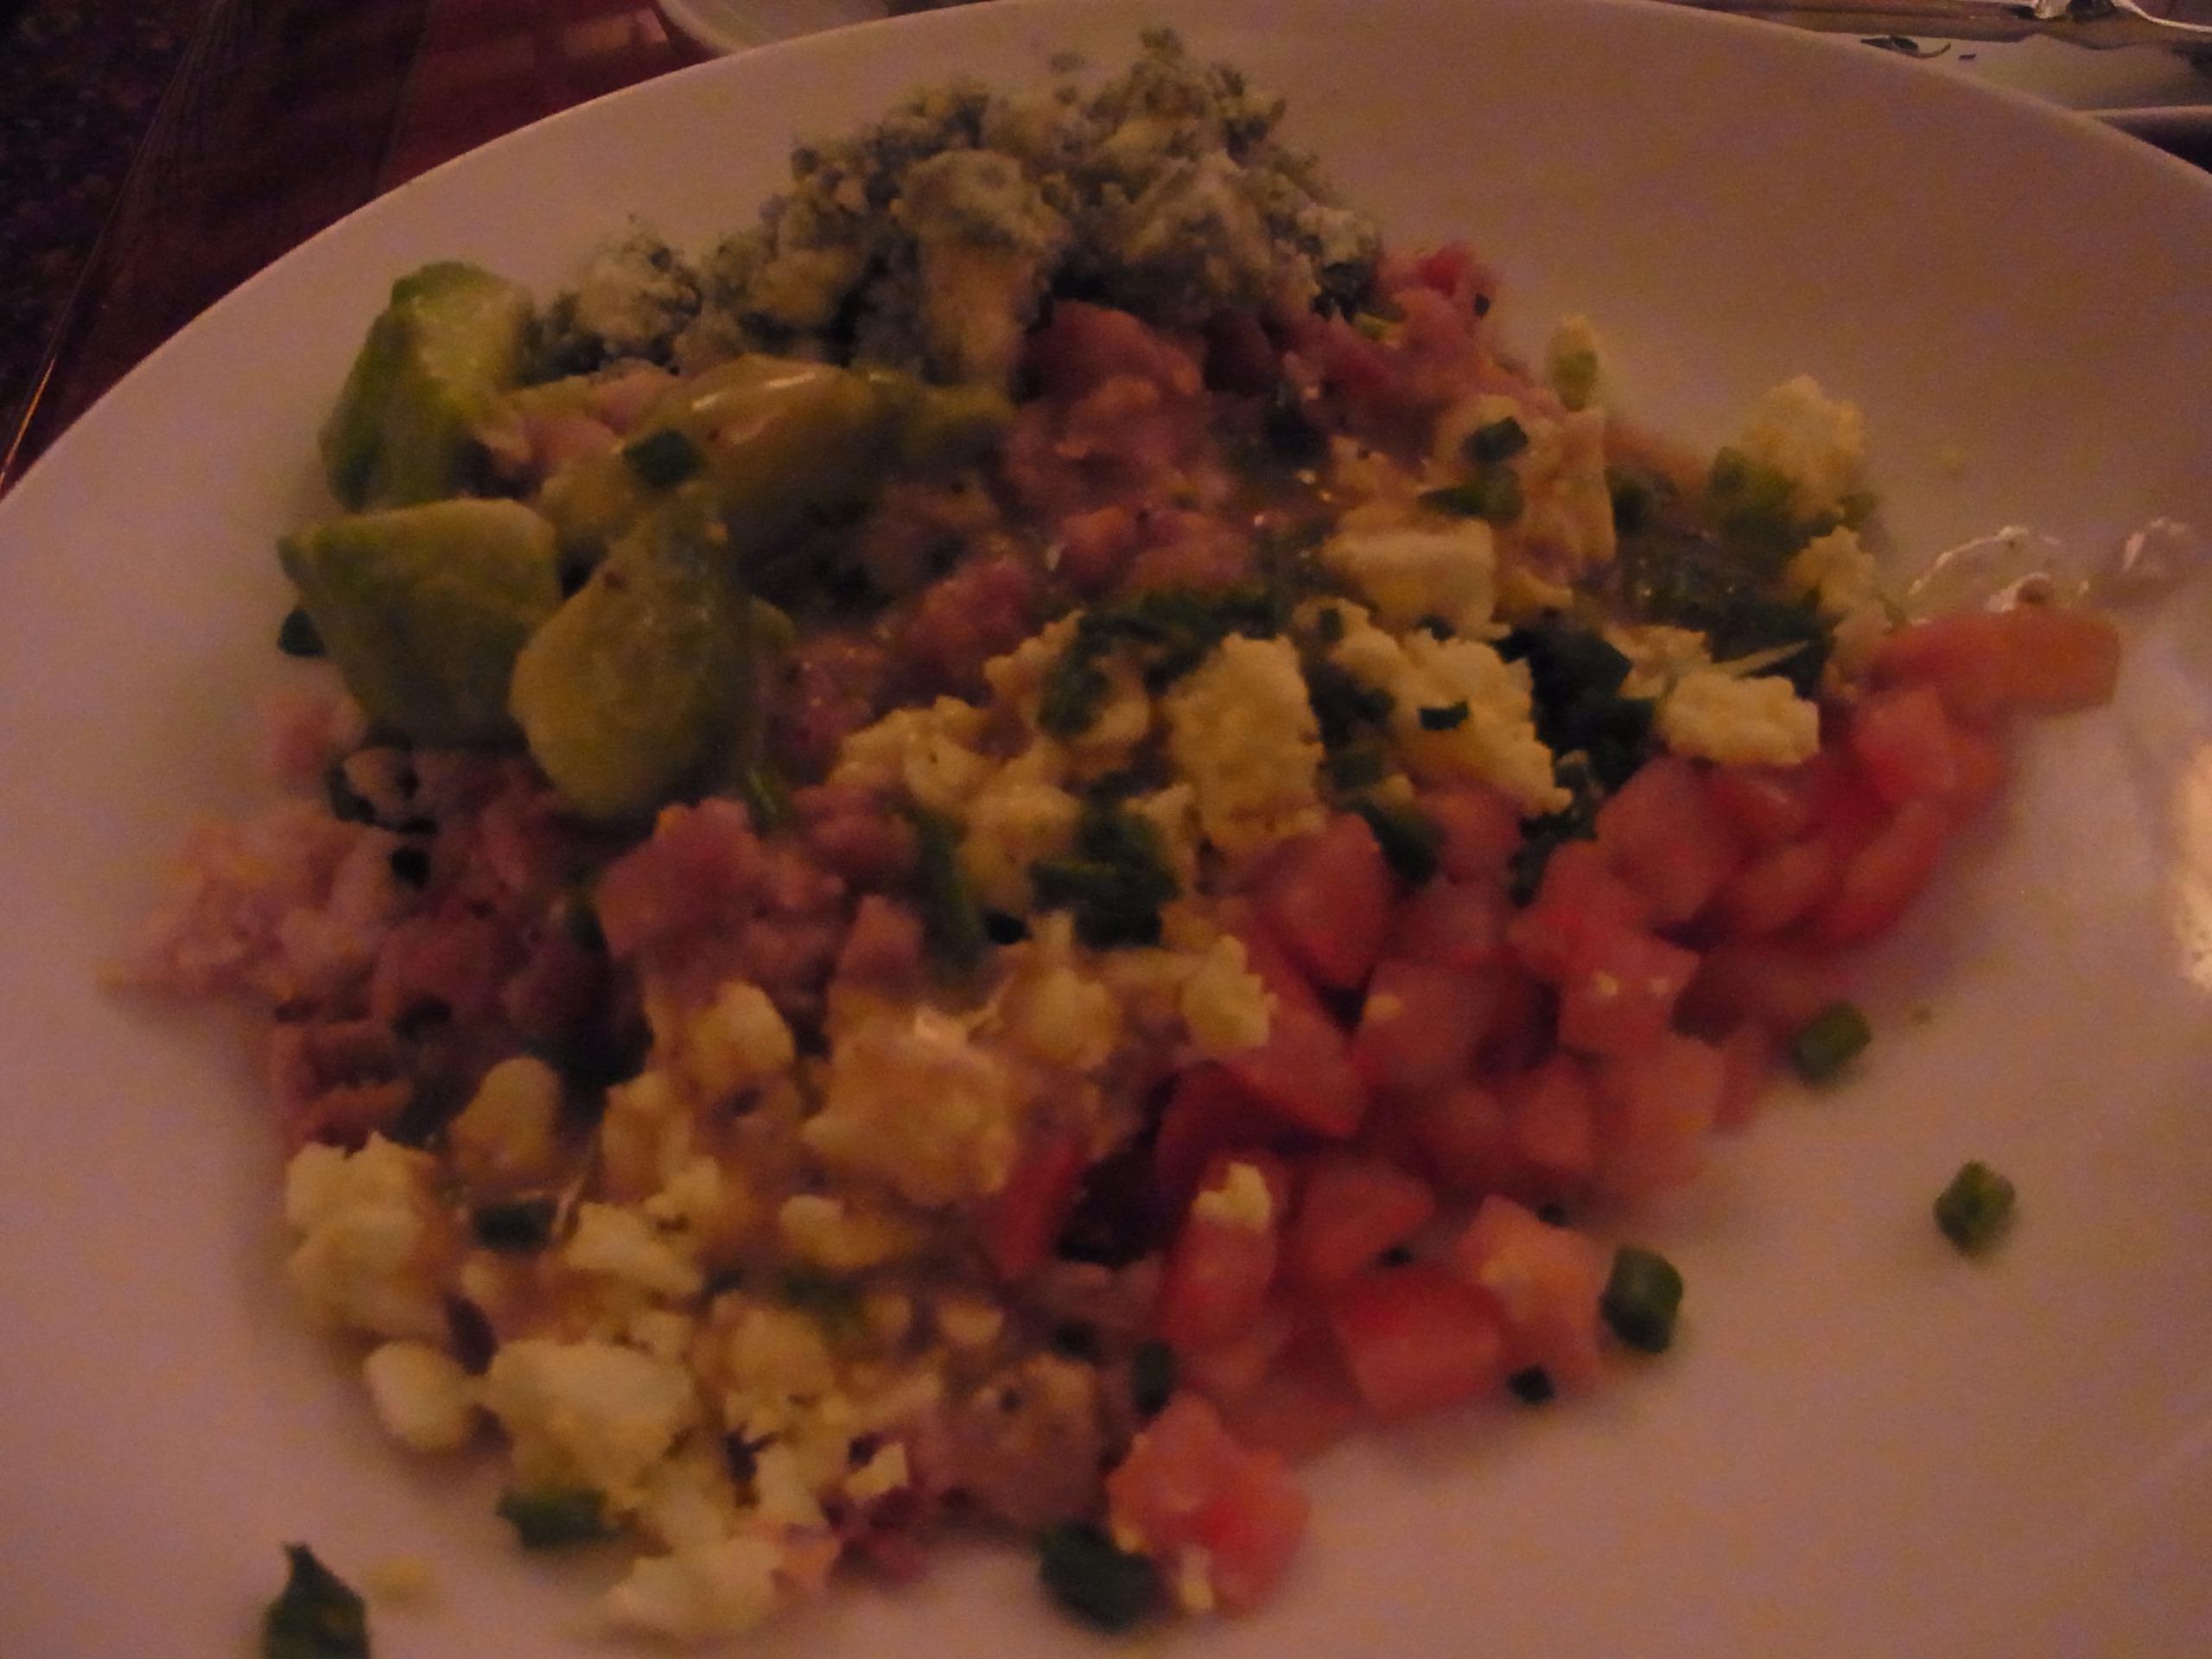 WDW旅行記 59 ハリウッド・ブラウンダービーでディナーを食べる